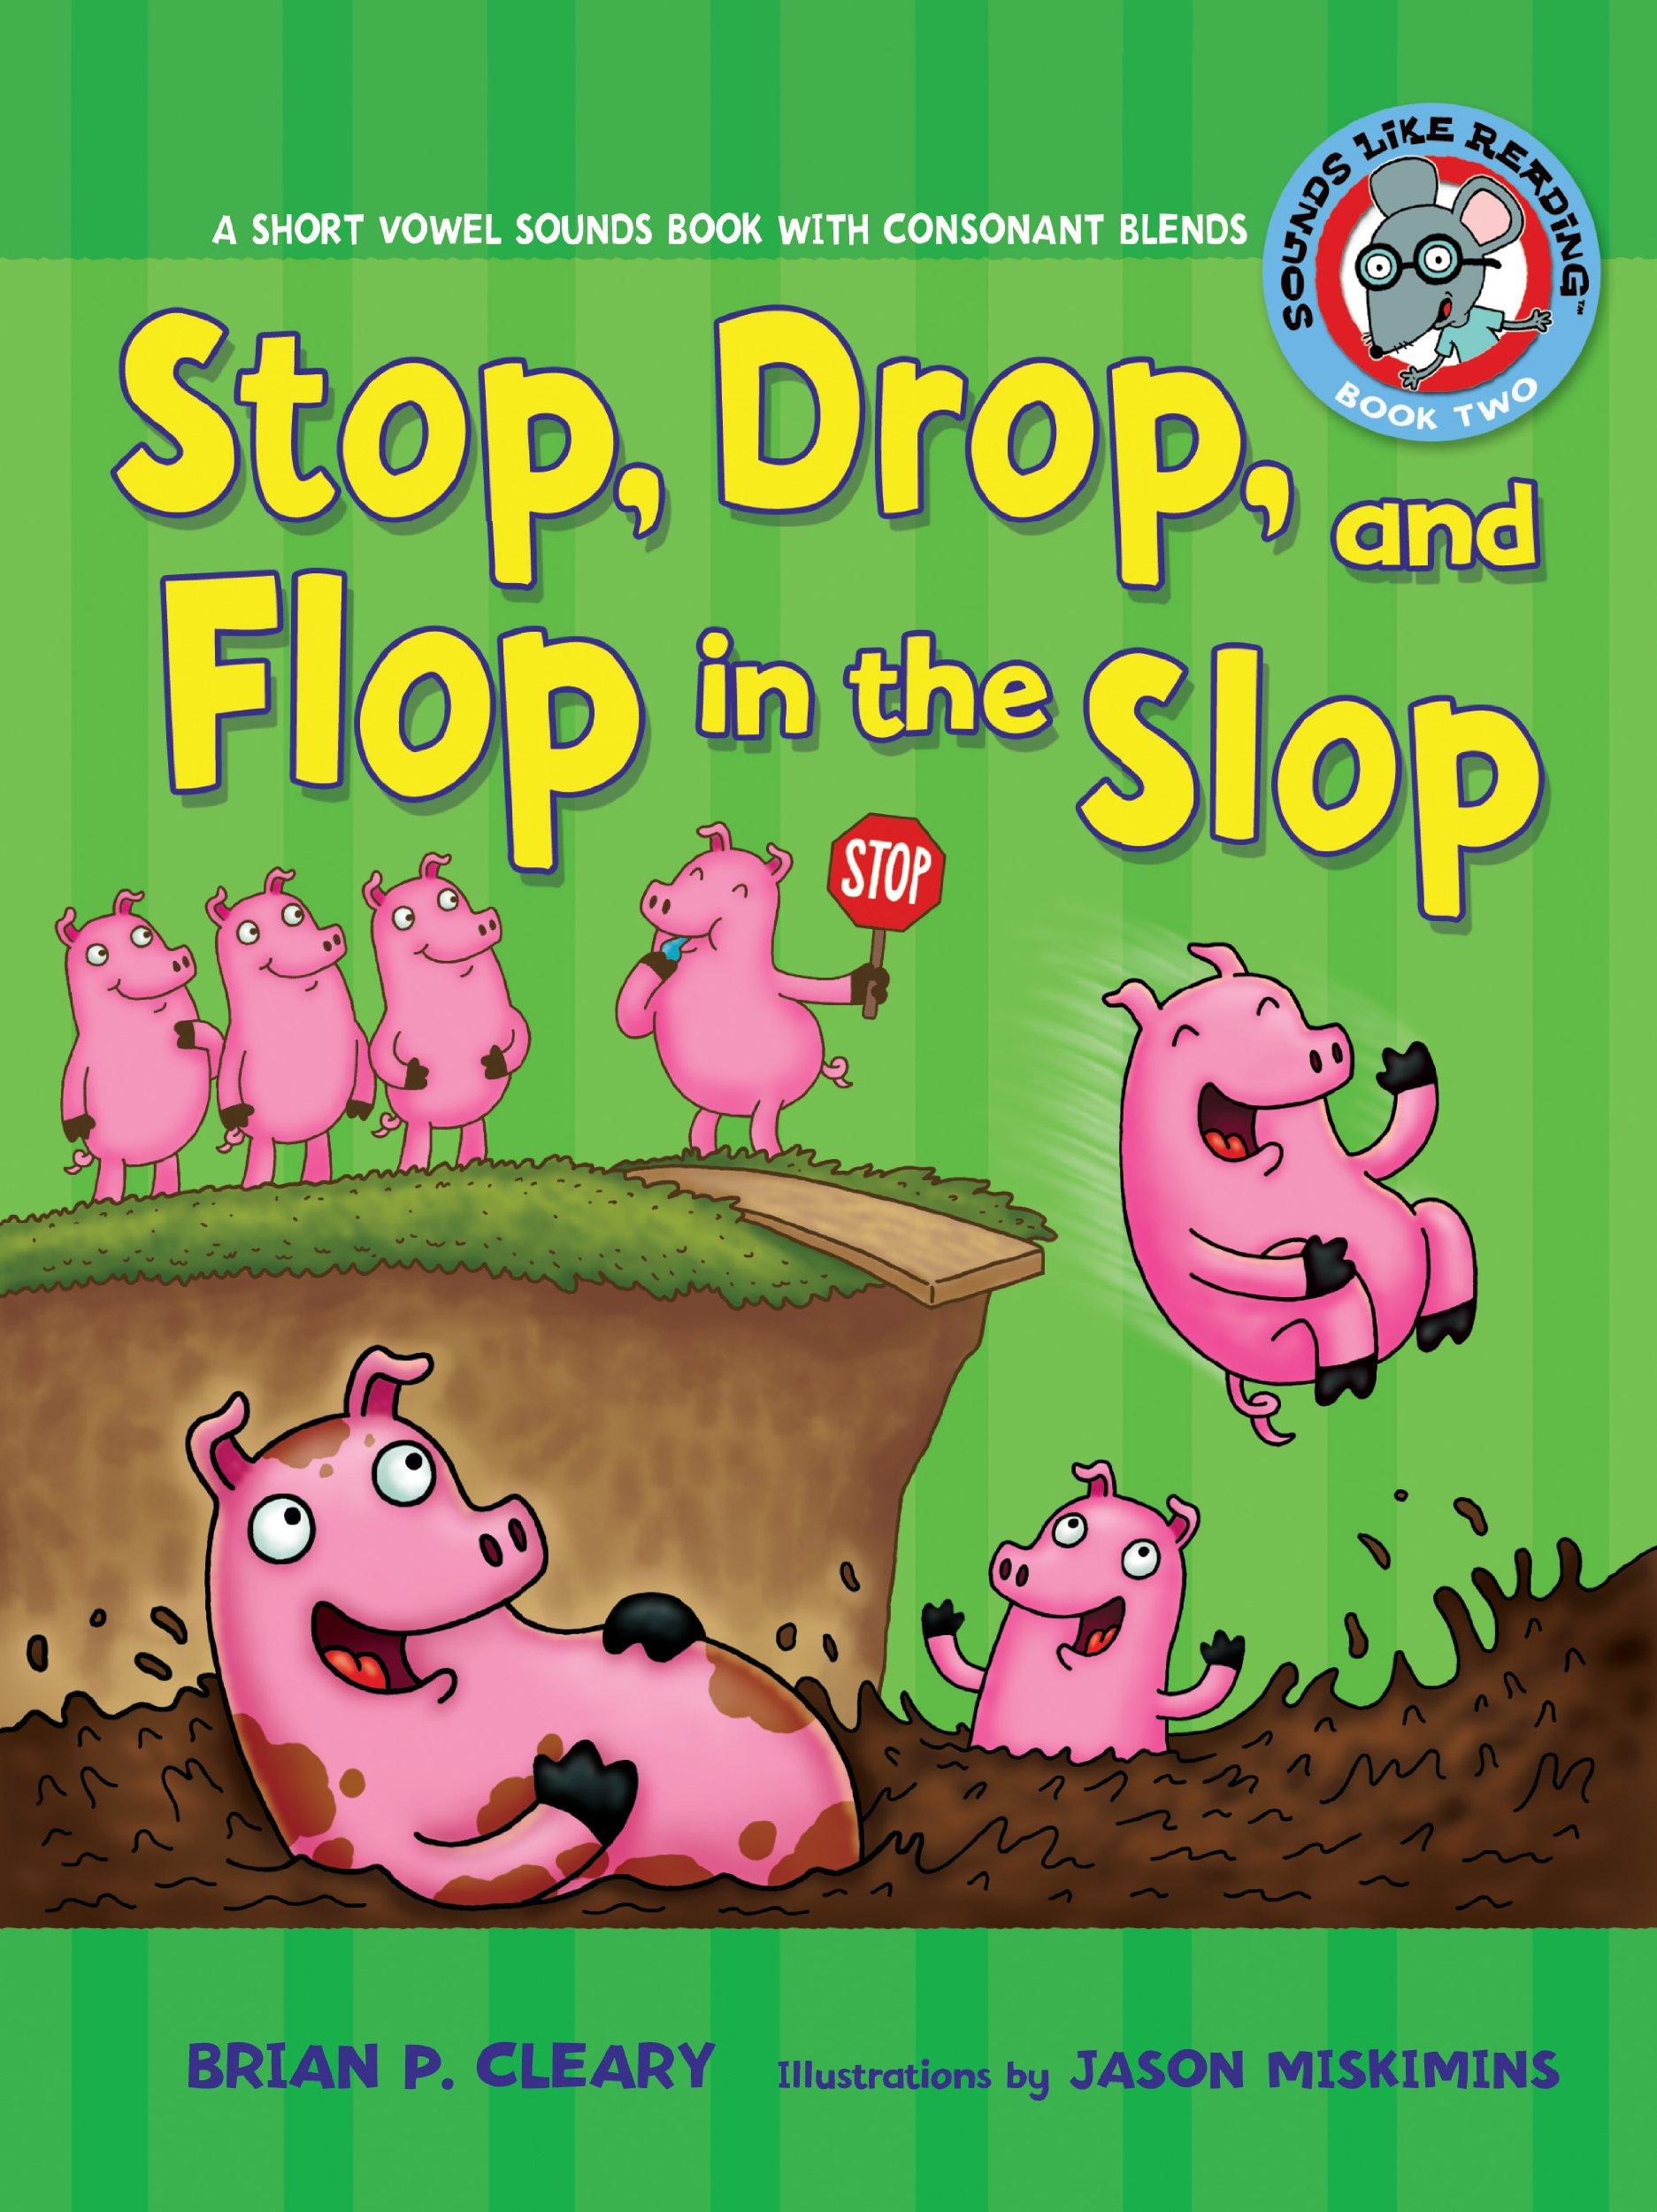 Stop Drop Flop Slop Consonant product image